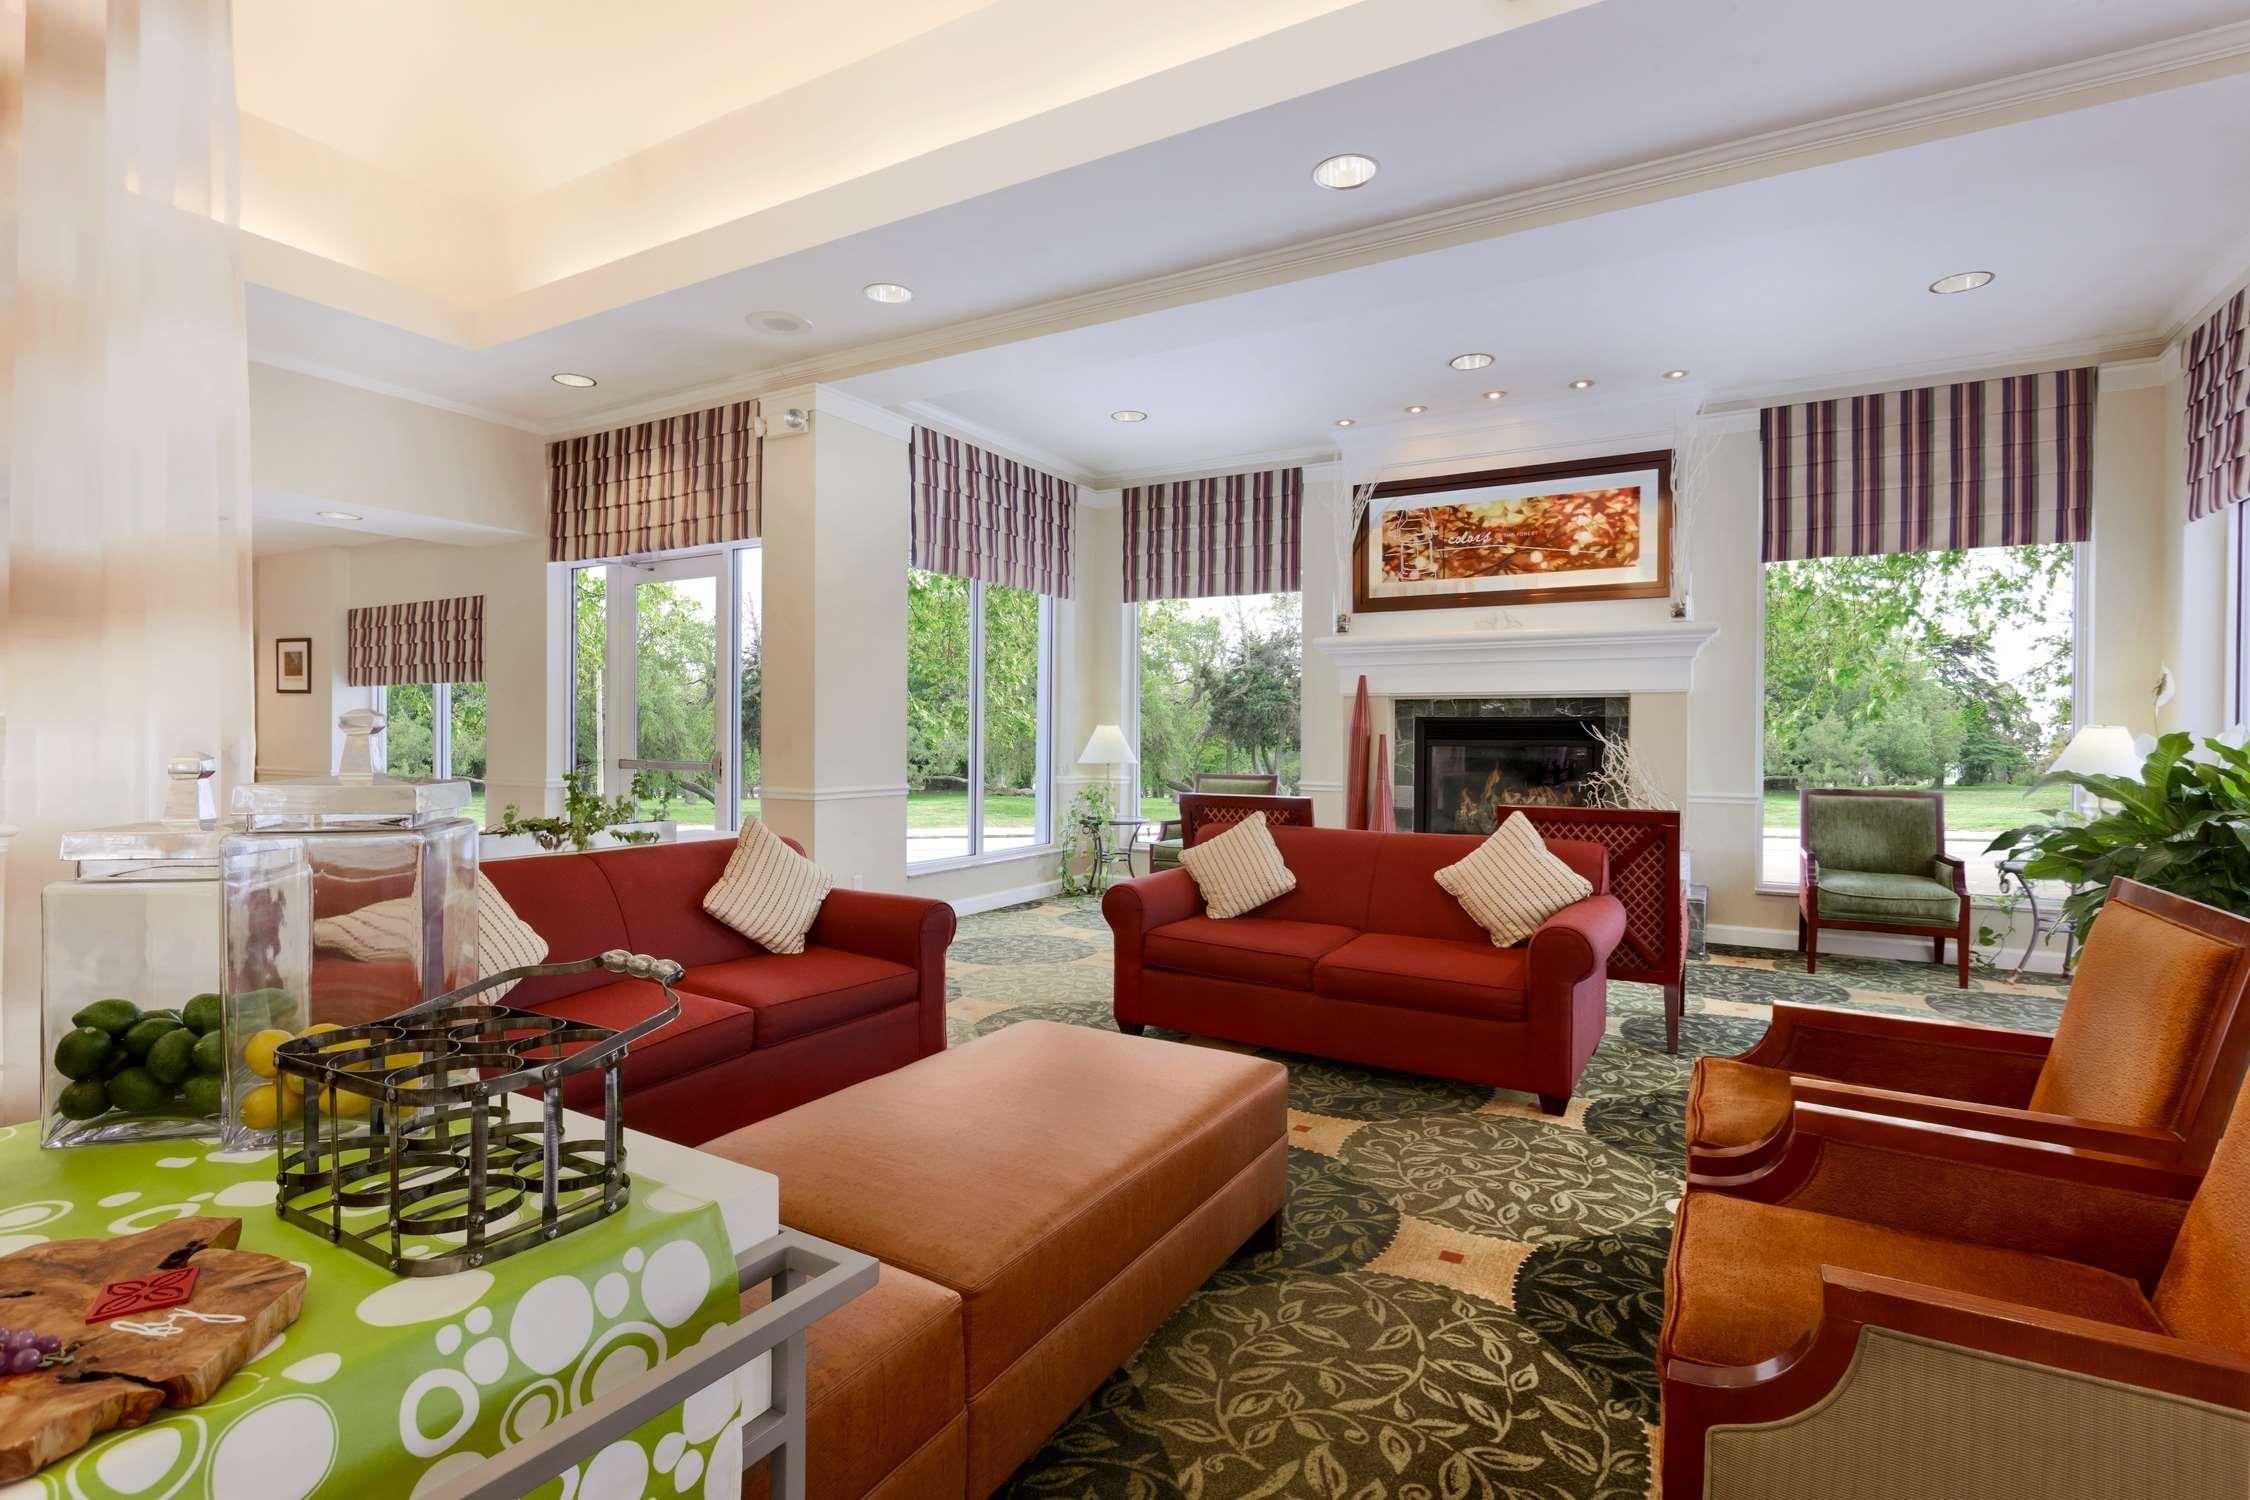 Hilton Garden Inn Syracuse image 2